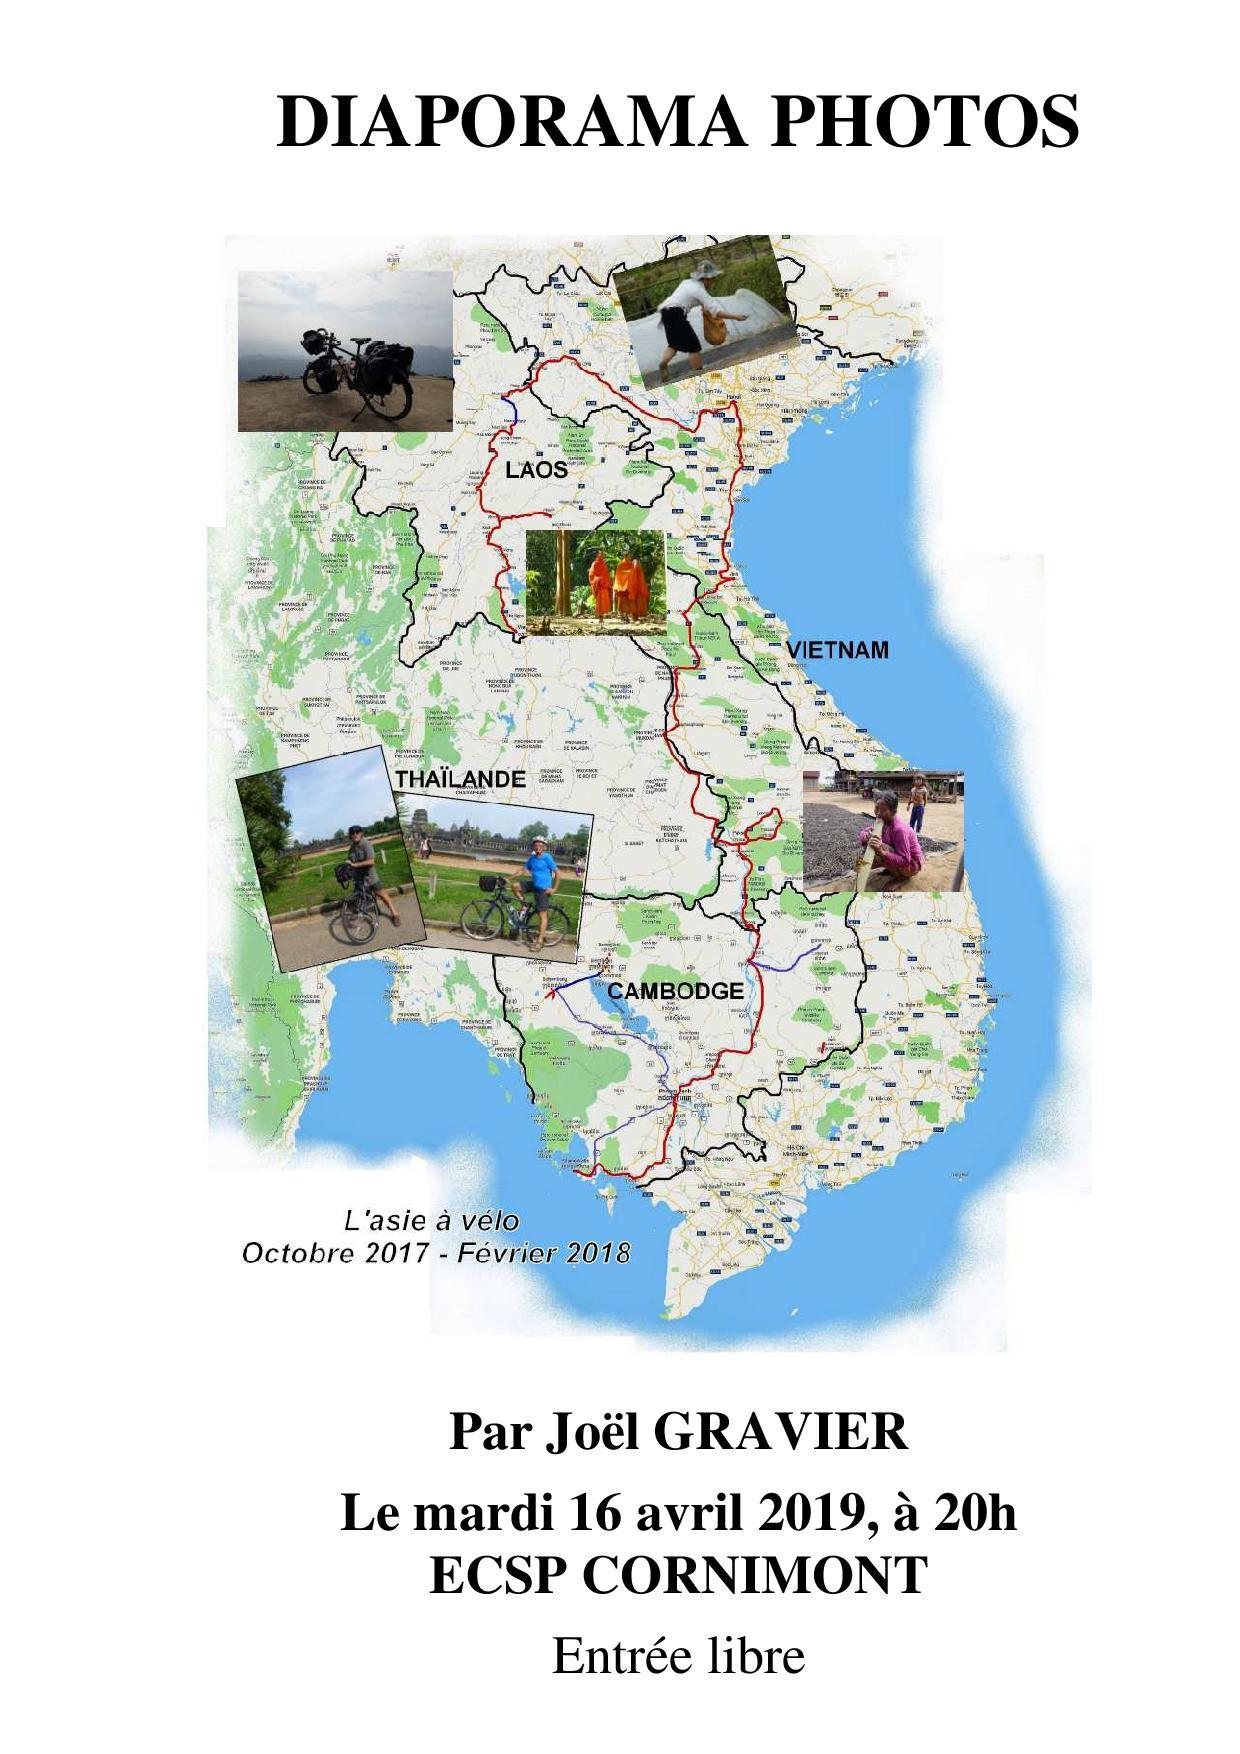 Affiche Diaporama J. Gravier le 16 04 19-page-001